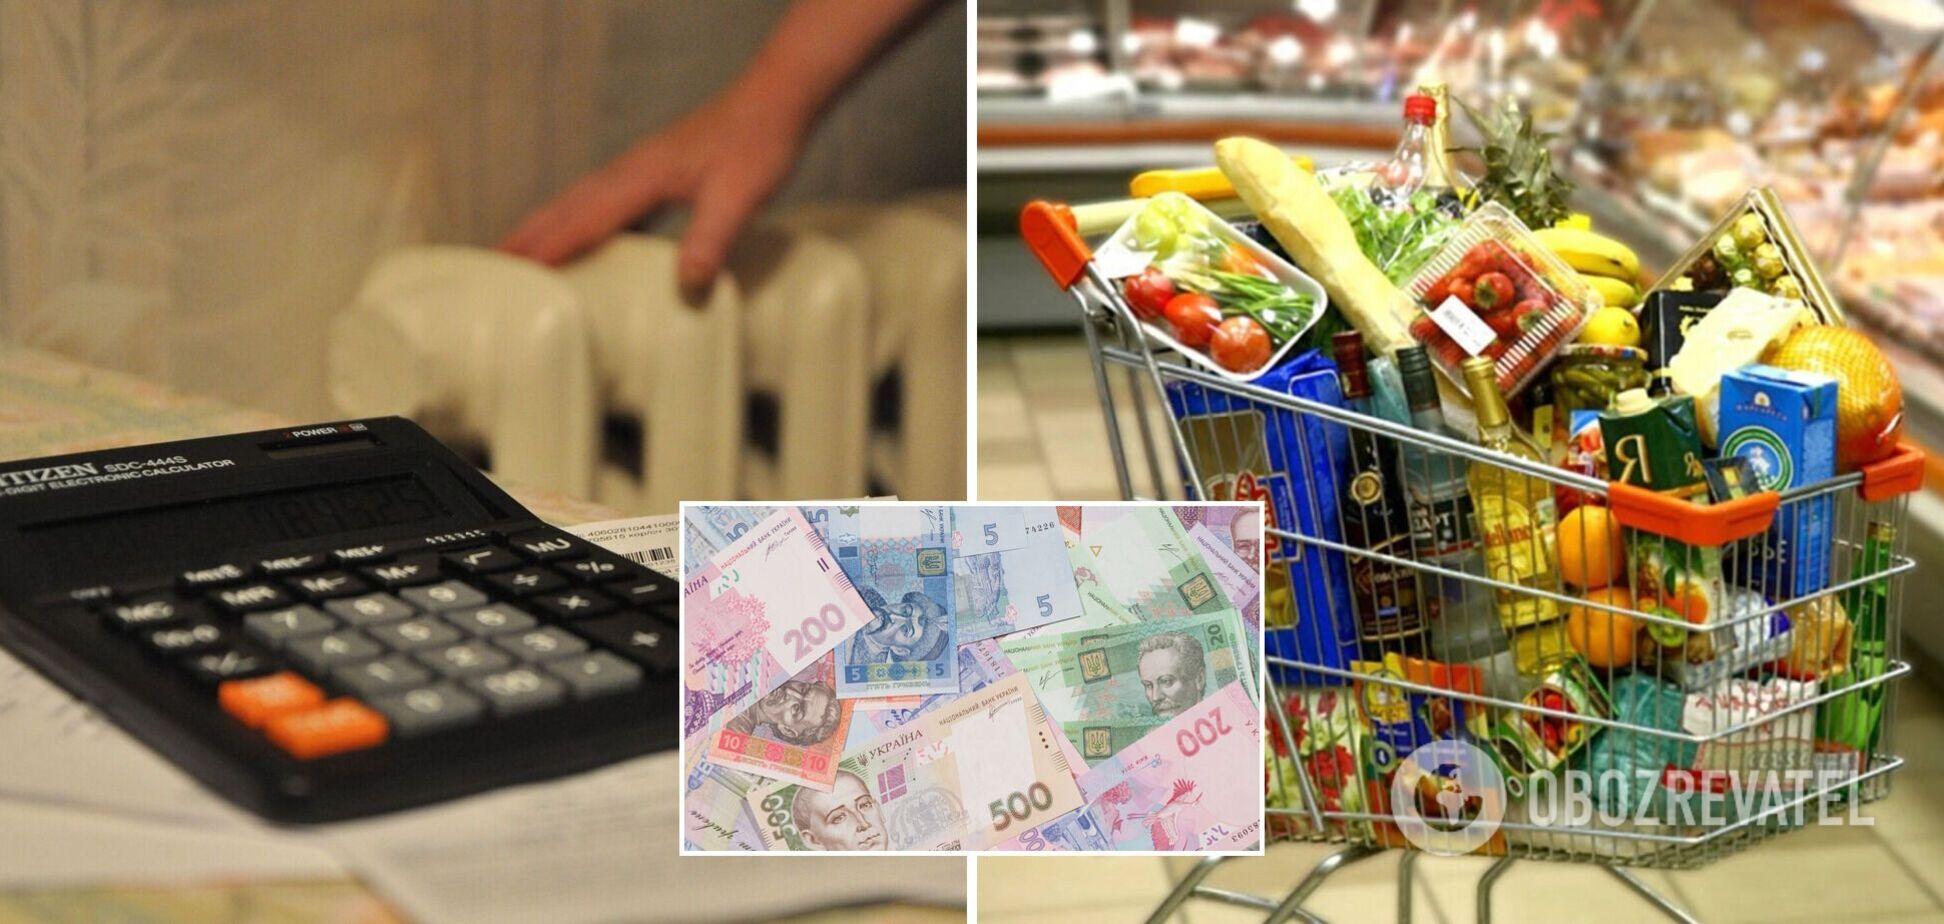 Цены на продукты и тарифы на коммуналку вырастут: прогноз экс-министра